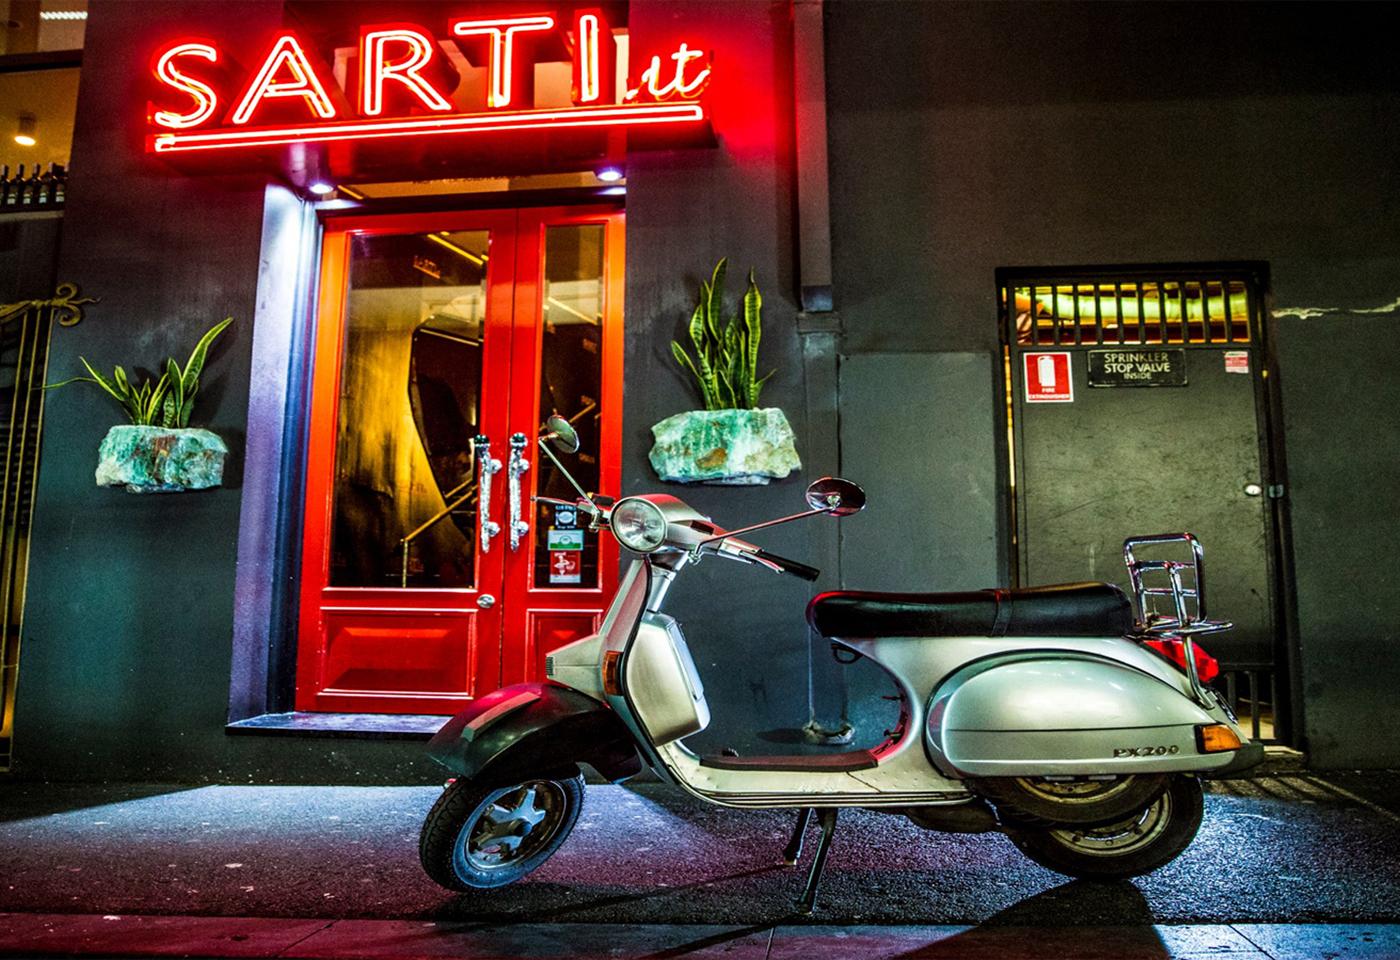 night LED light motorcycle image